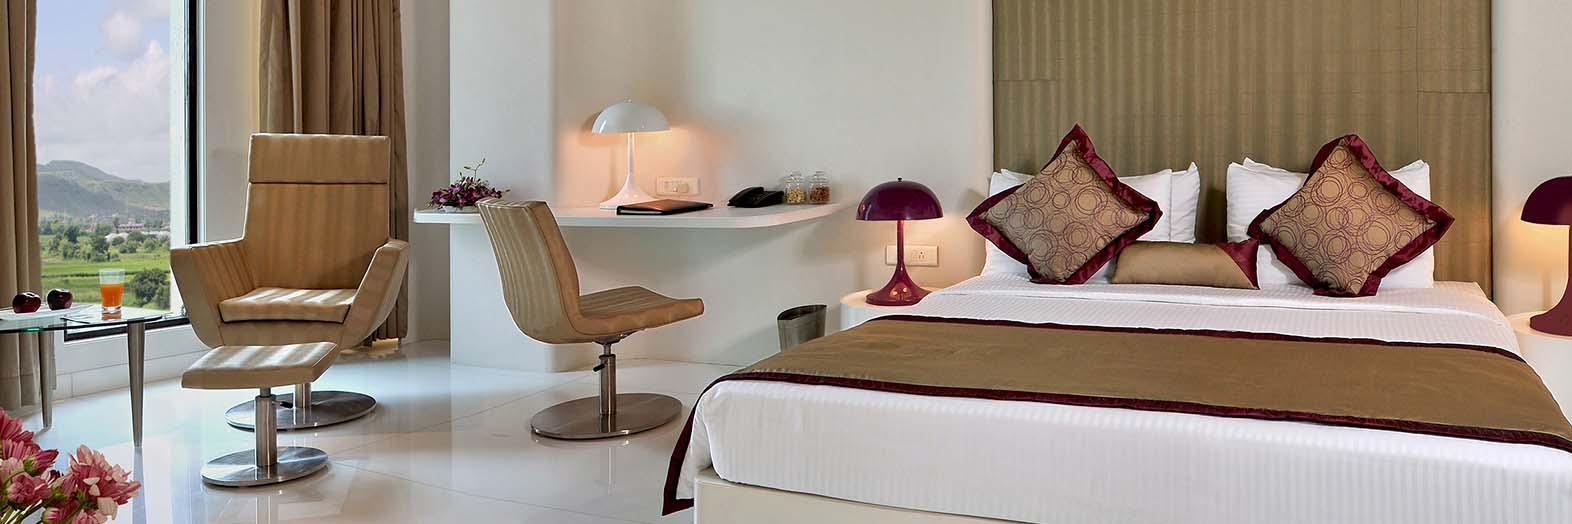 Fortune Inn Exotica,Hinjawadi, Pune Hotels